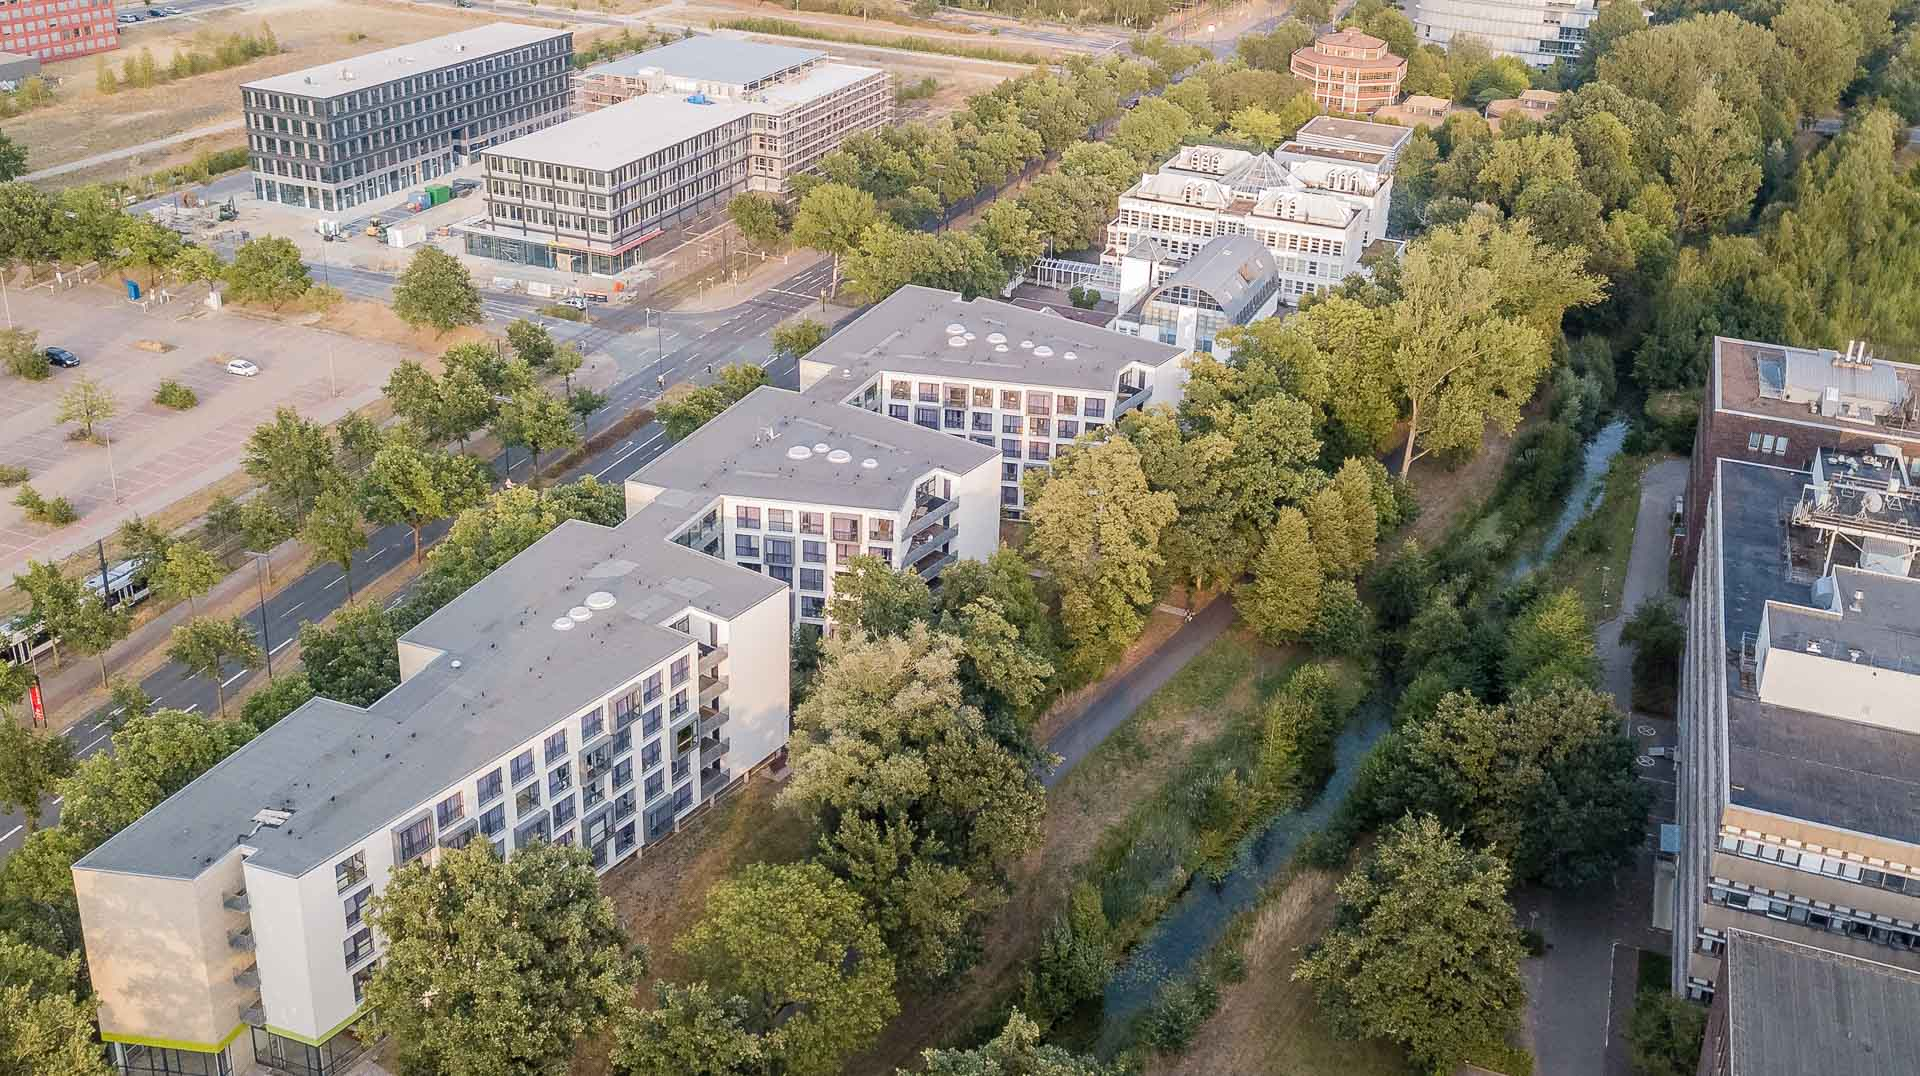 Luftaufnahme des THE FIZZ Bremen Gebäudes von der Rückseite